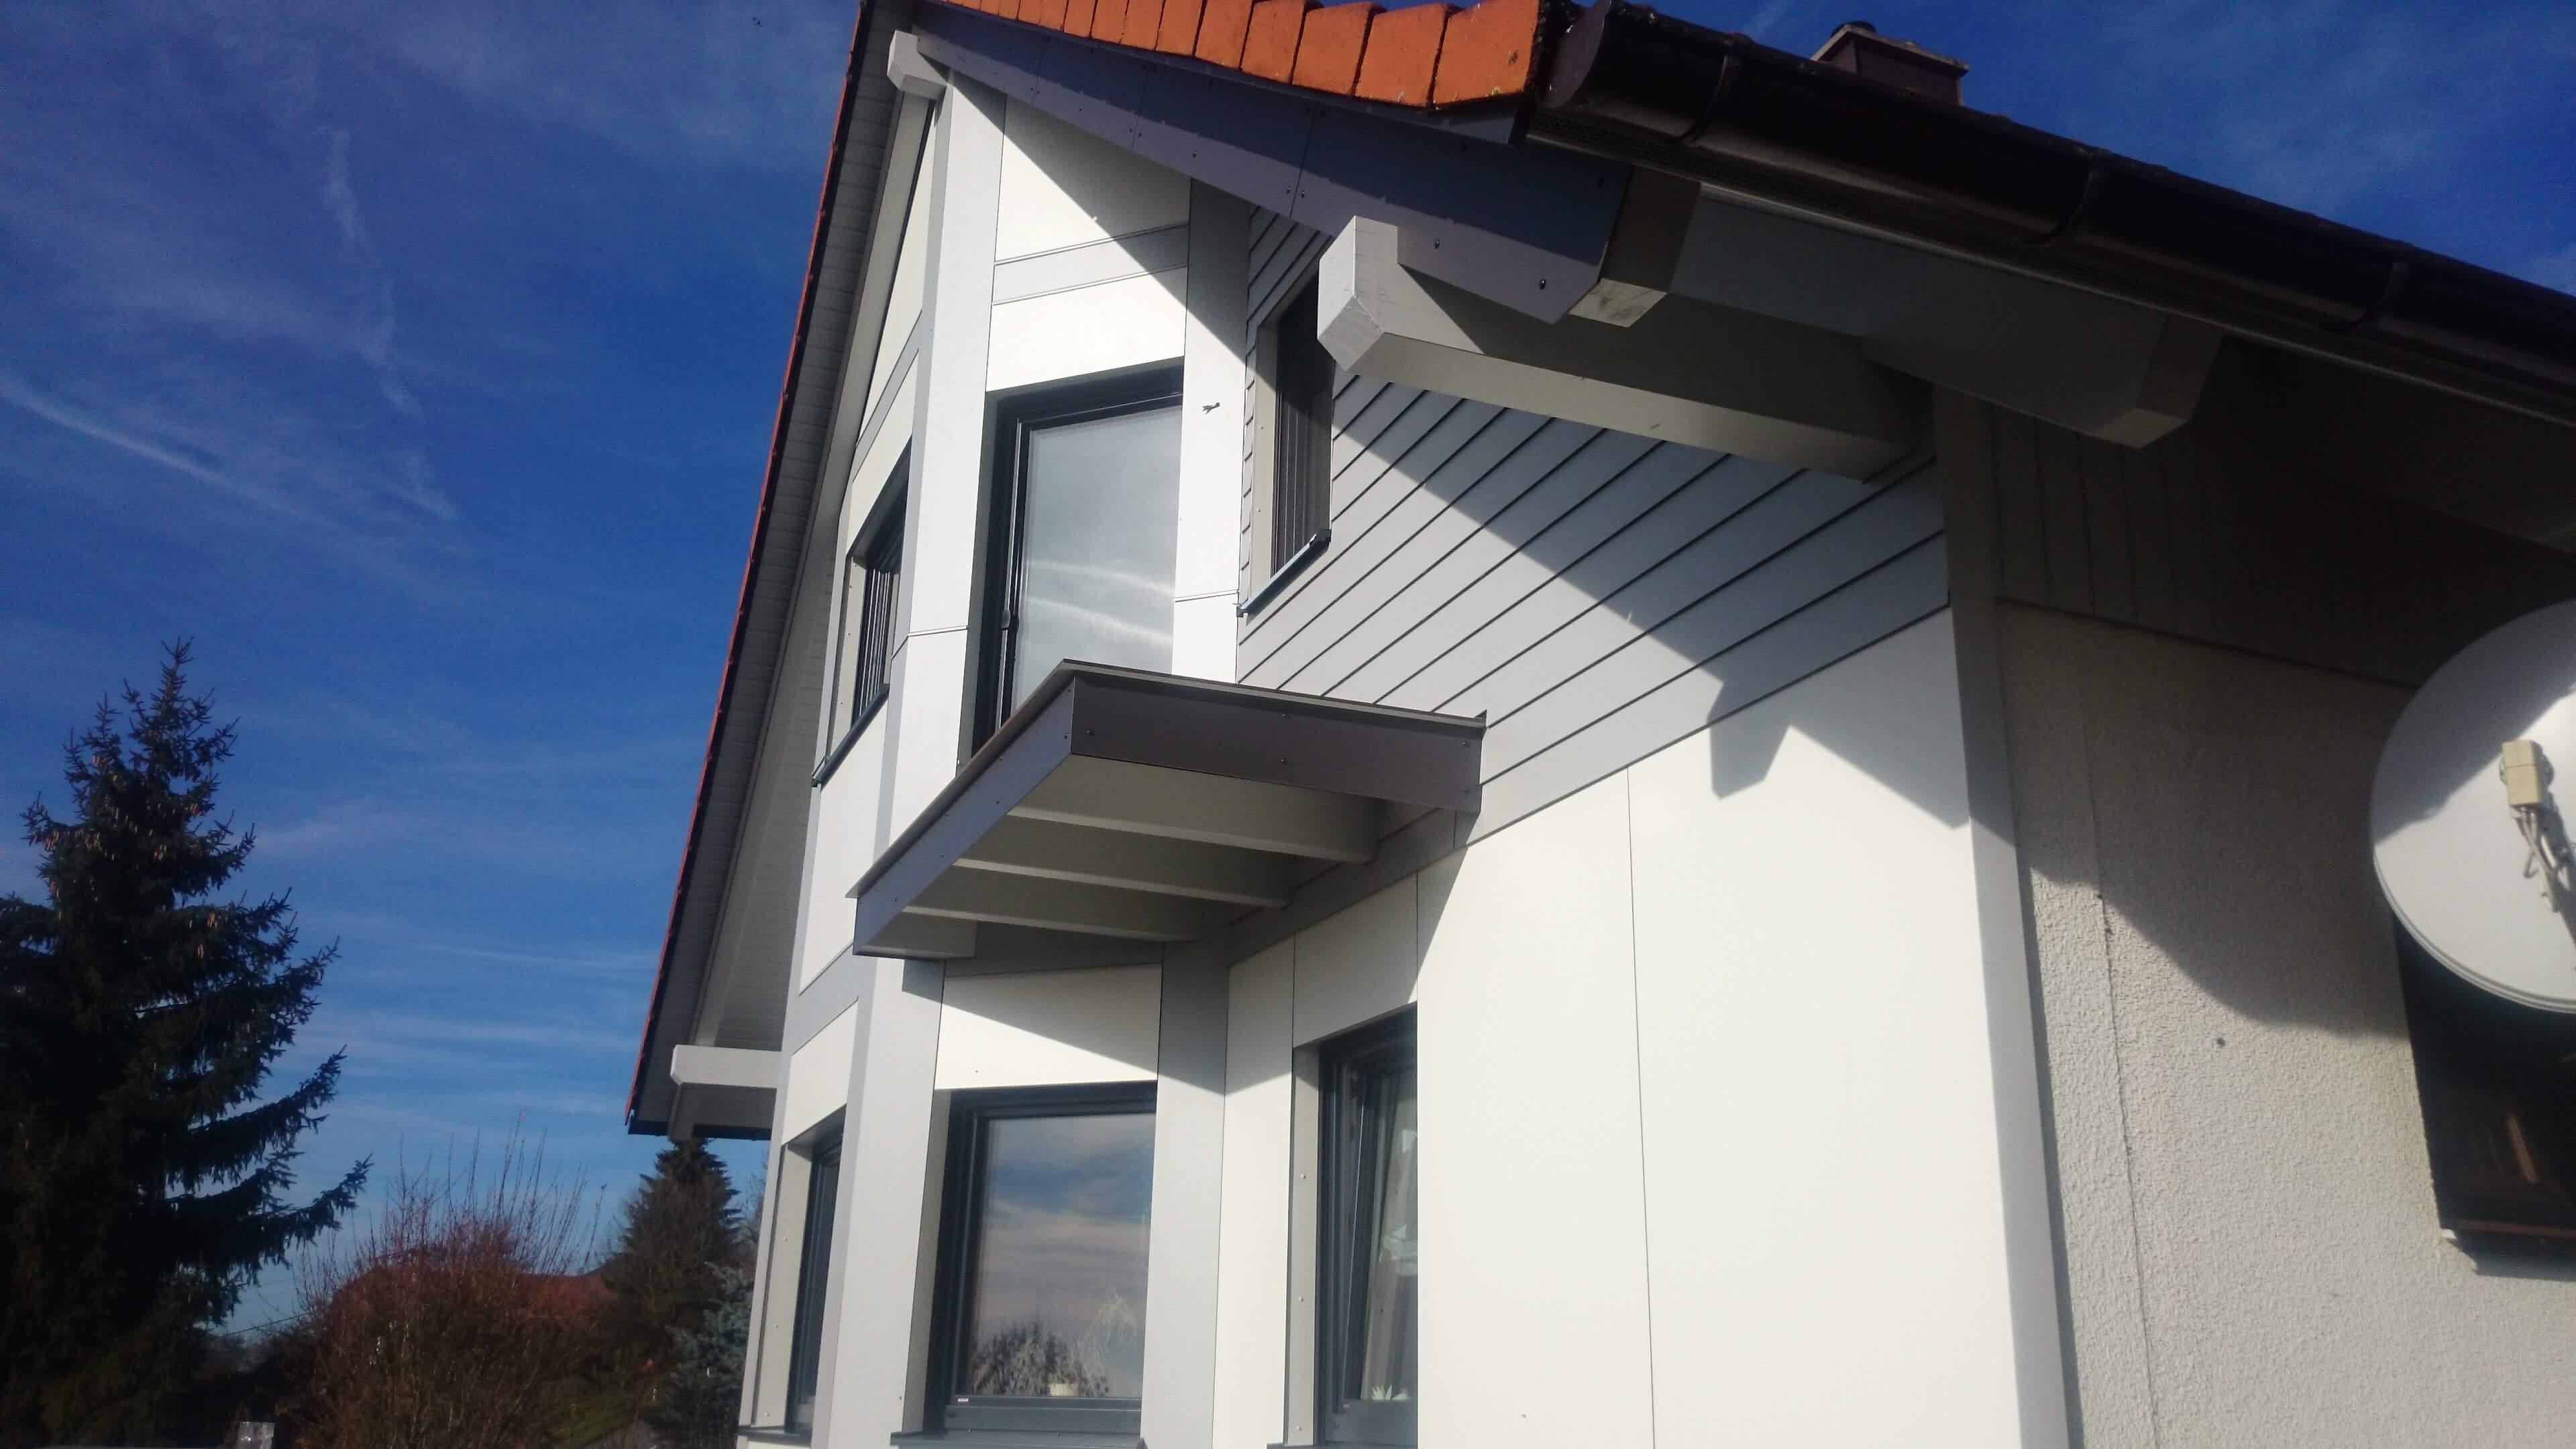 Fassaden Stulpschalung